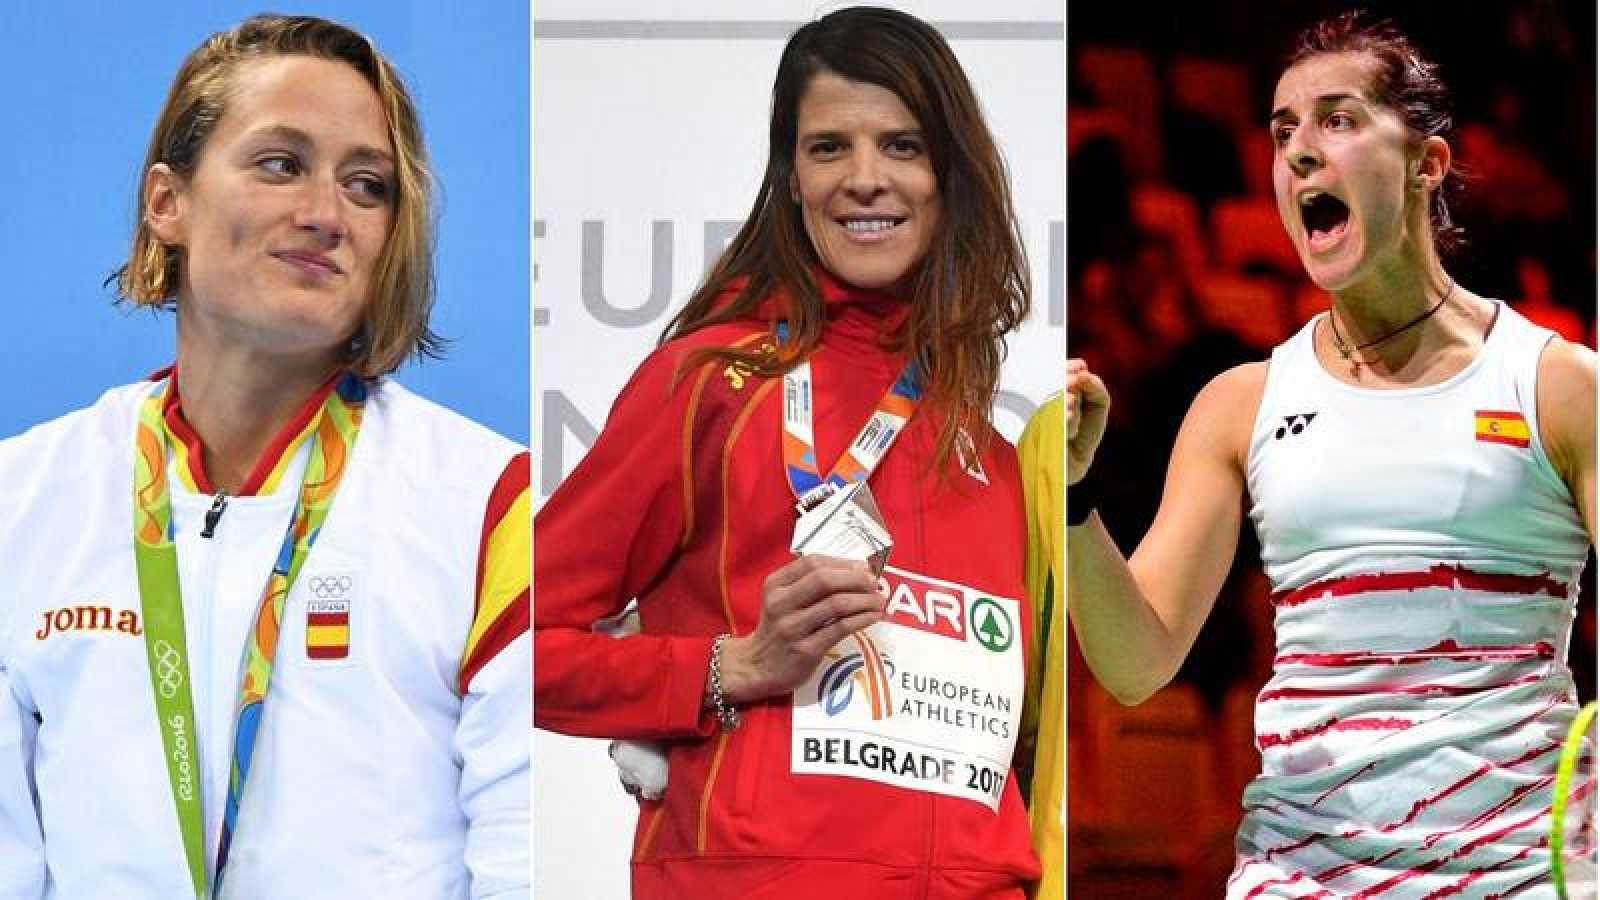 Escasa repercusión de las mujeres deportistas en las noticias